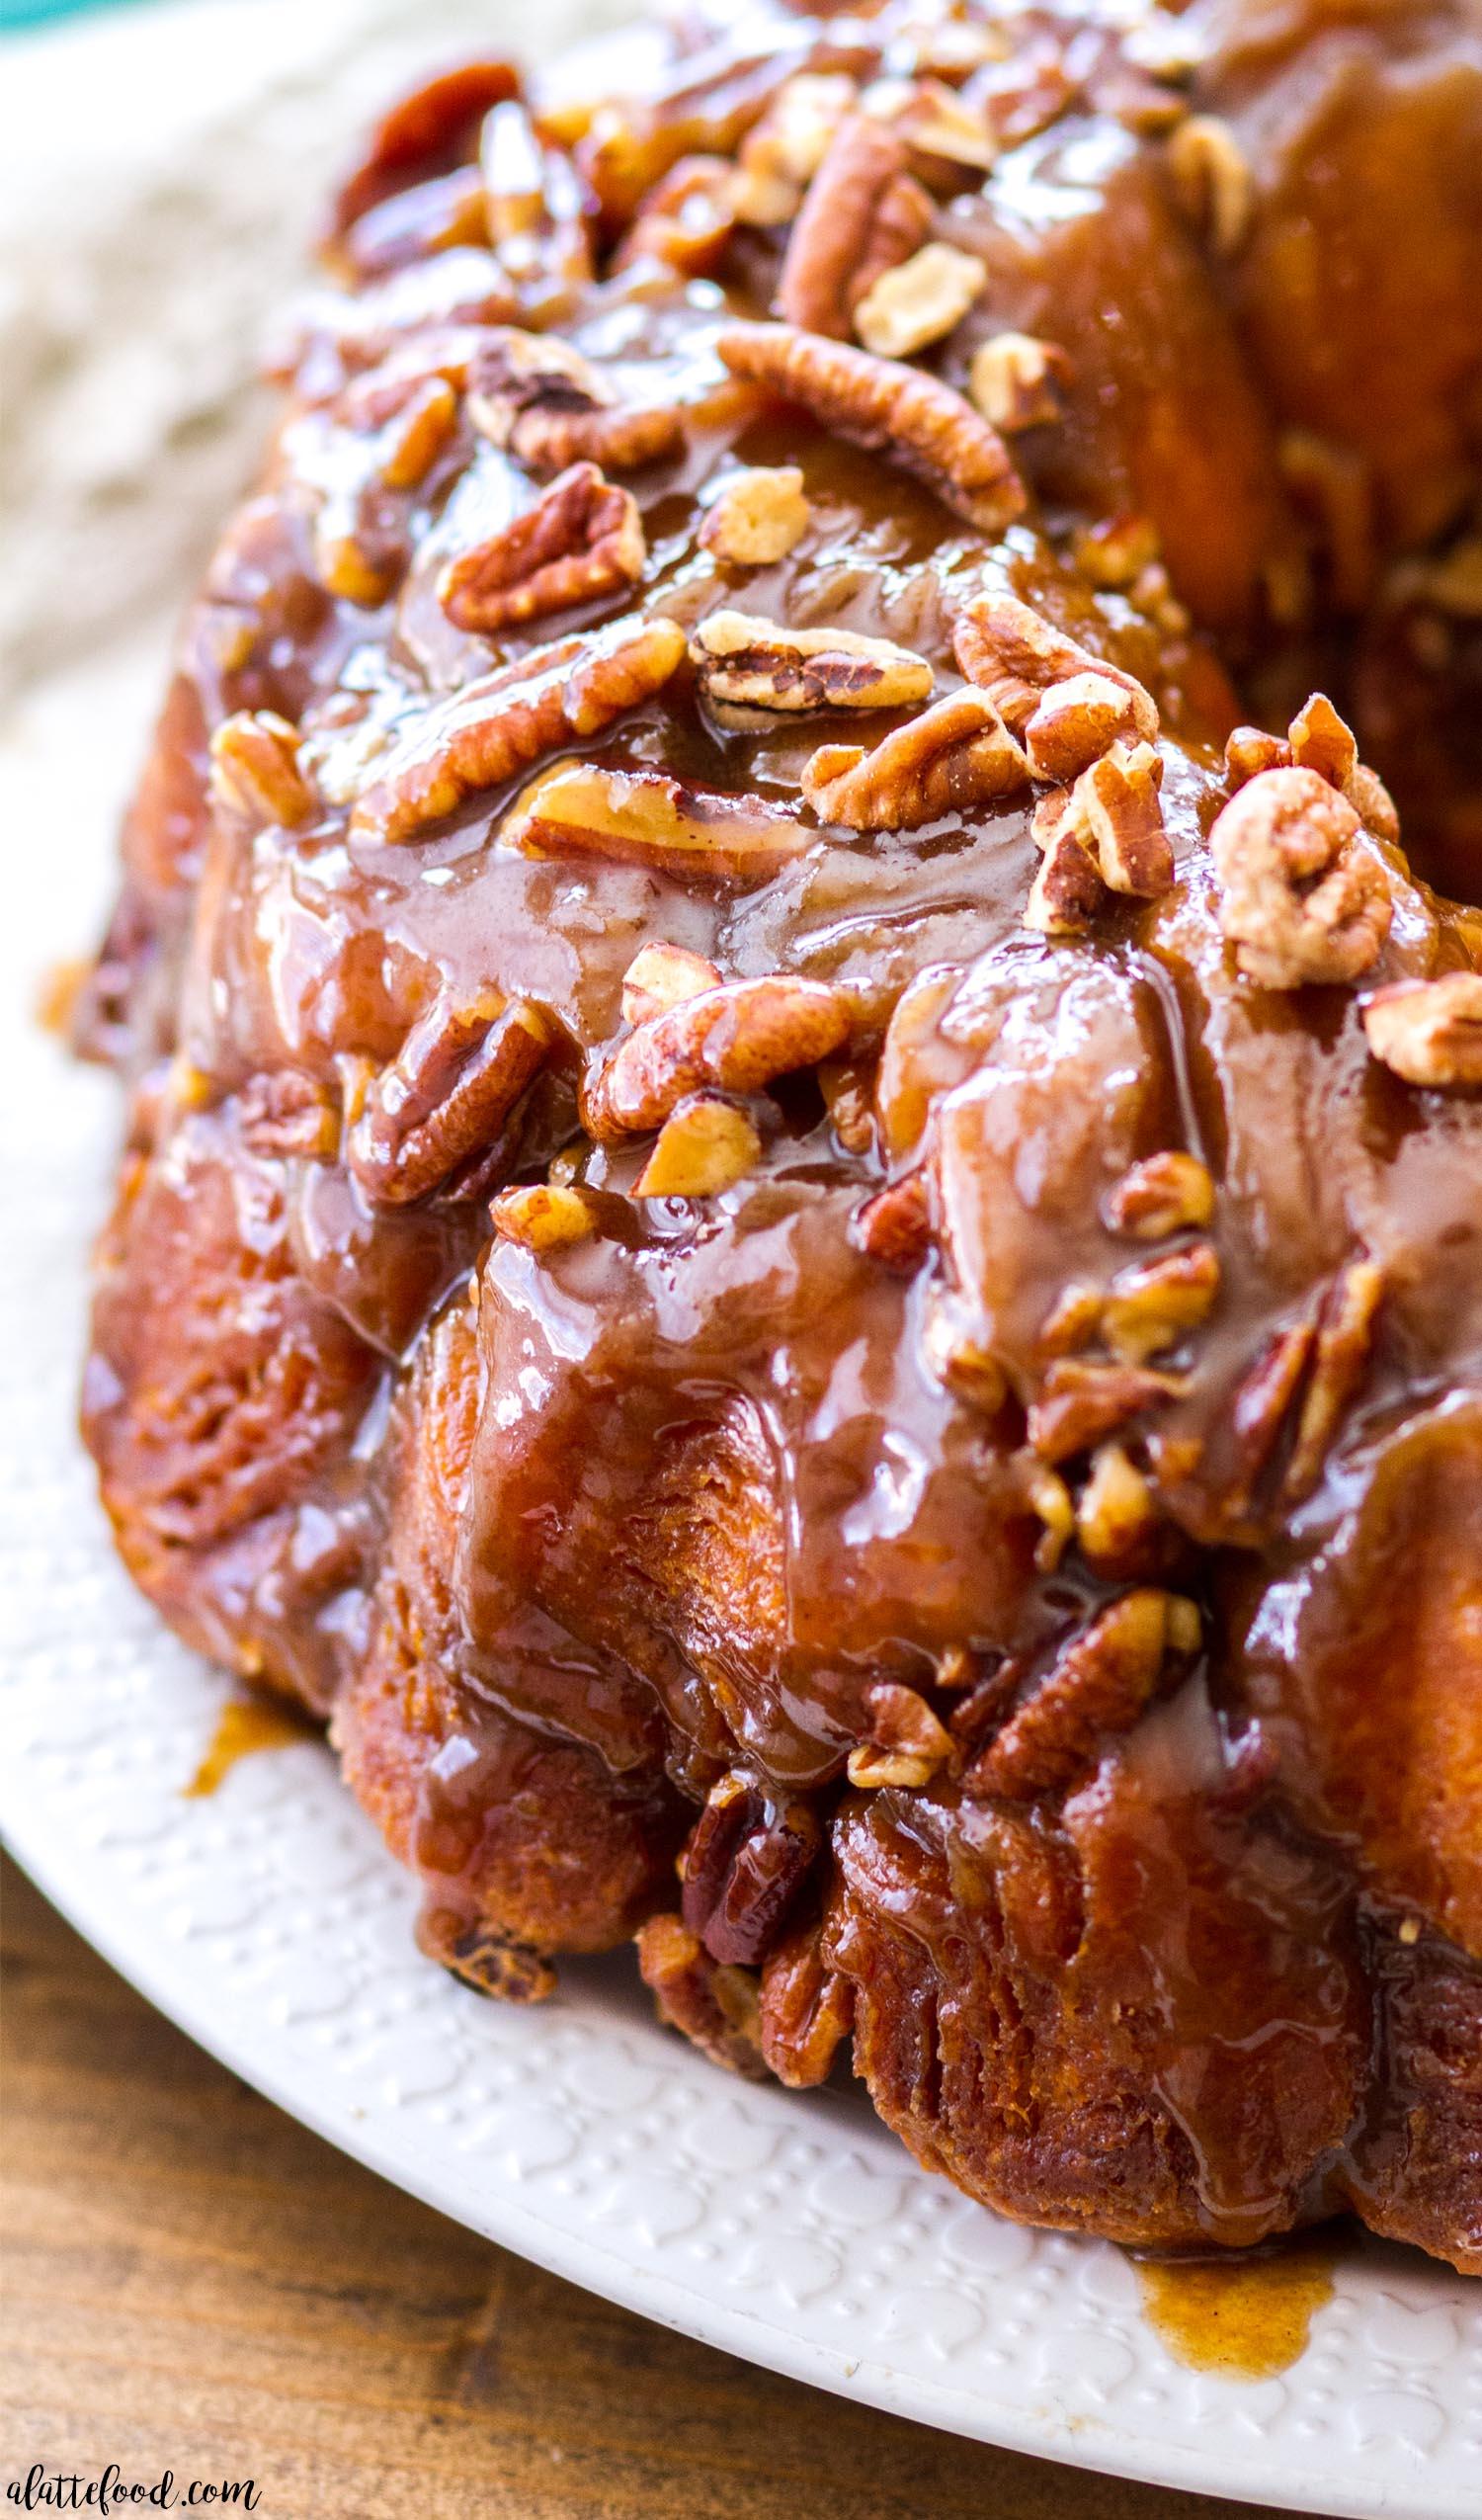 Scenic How To Make Monkey Maple Pecan Monkey Bread Maple Pecan Monkey Bread A Latte Food Maple Pecan Latte Dunkin Donuts Maple Pecan Latte nice food Maple Pecan Latte